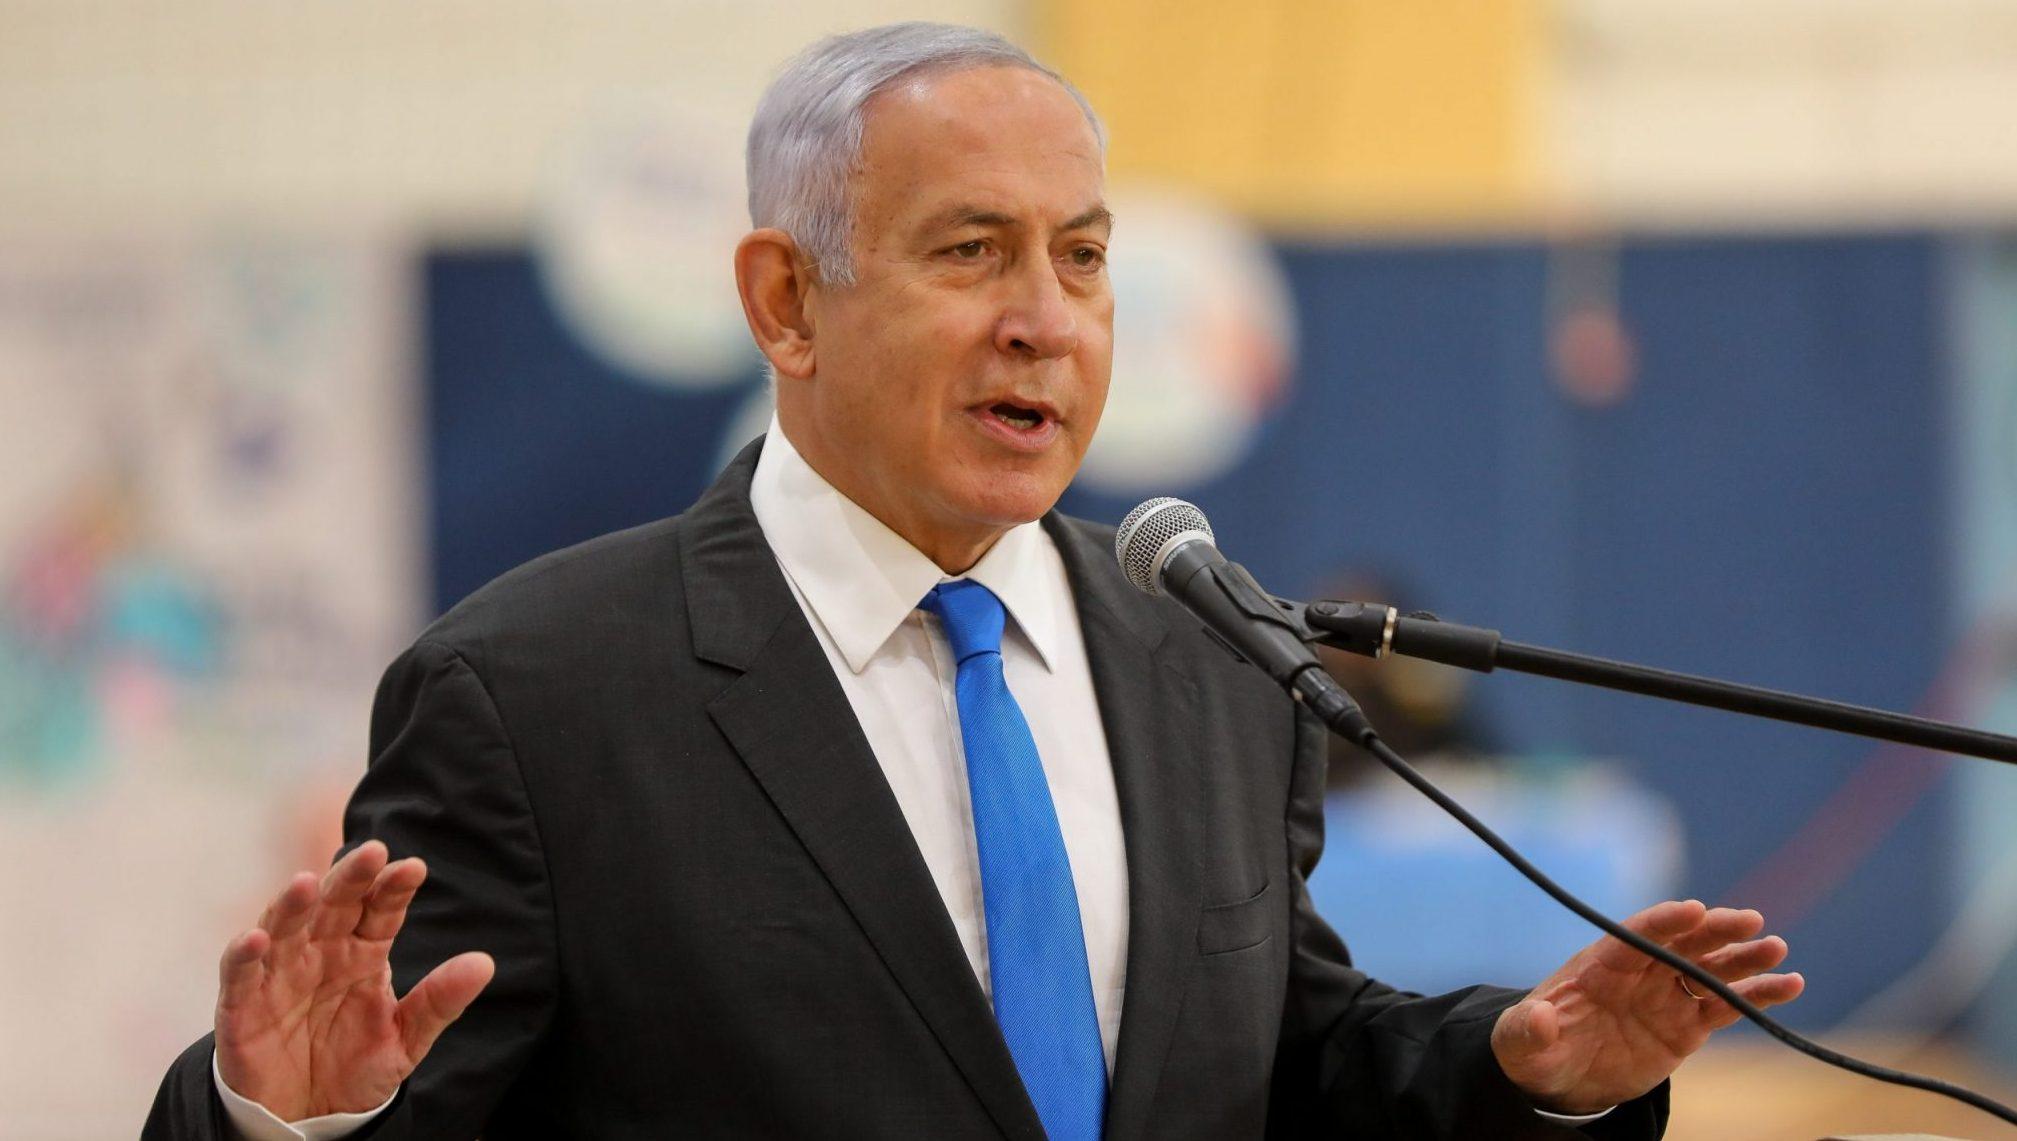 יאיר גבאי שוריין במקום ה-36 ברשימת הליכוד